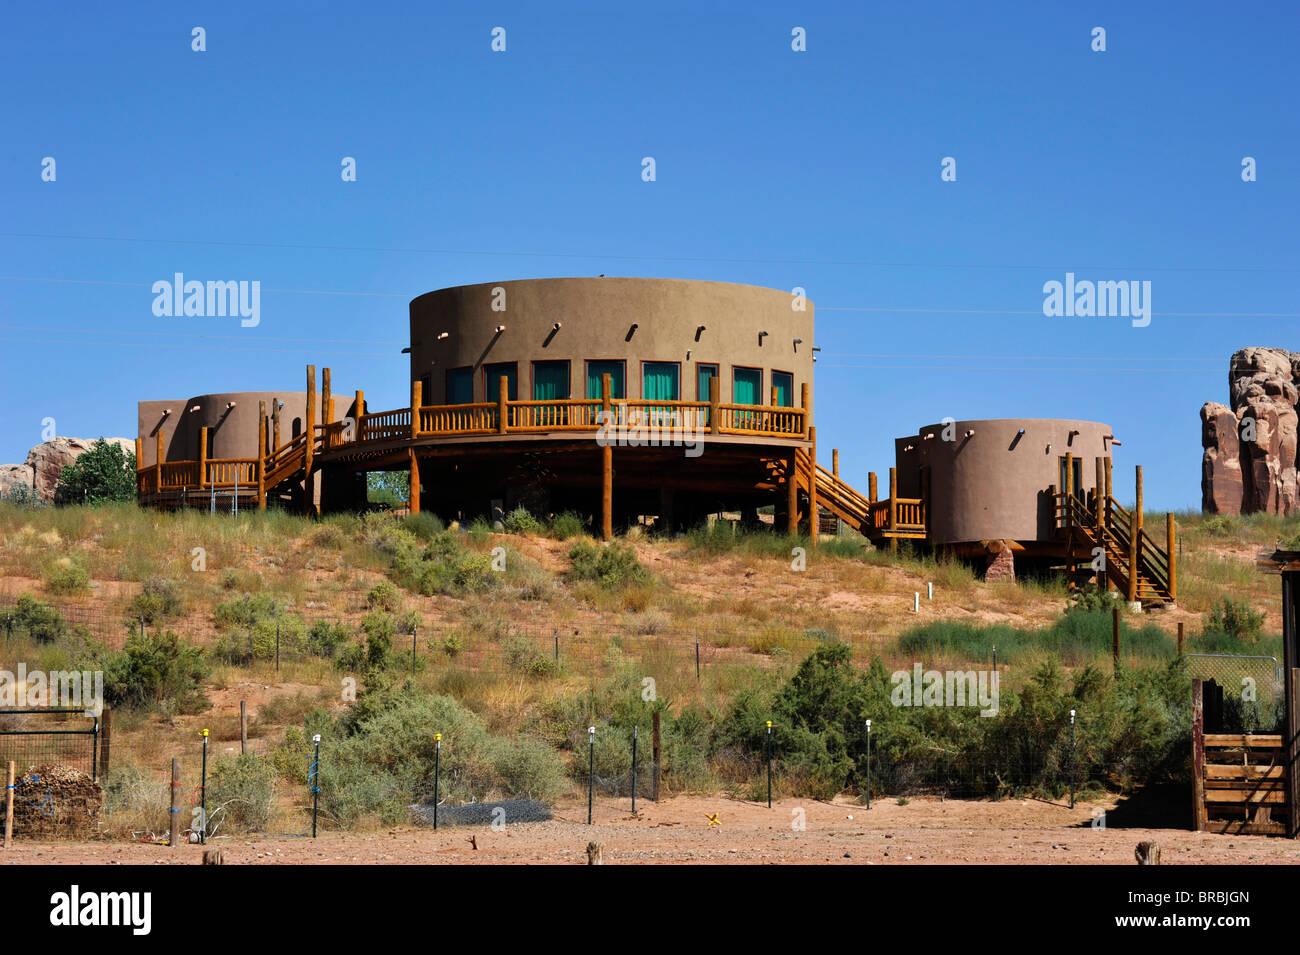 Deserto casa vacanze Bluff Arizona USA Immagini Stock